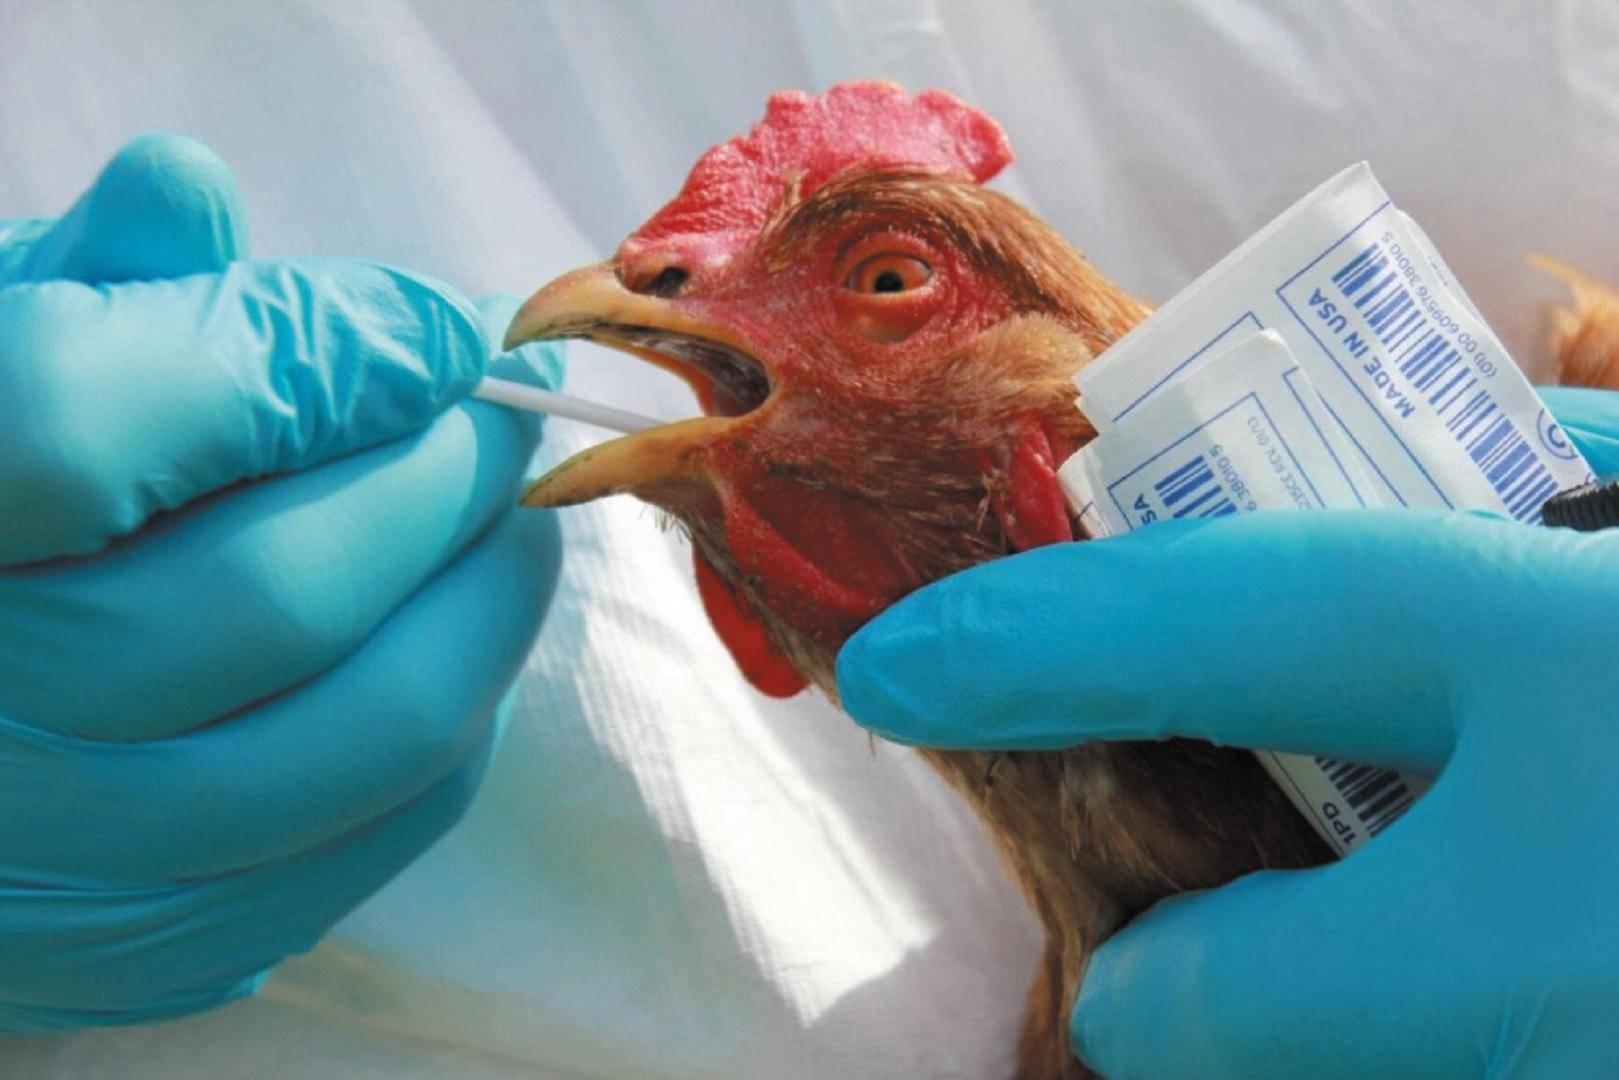 Птичий грипп у кур: симптомы и лечение, признаки и проявления с фото